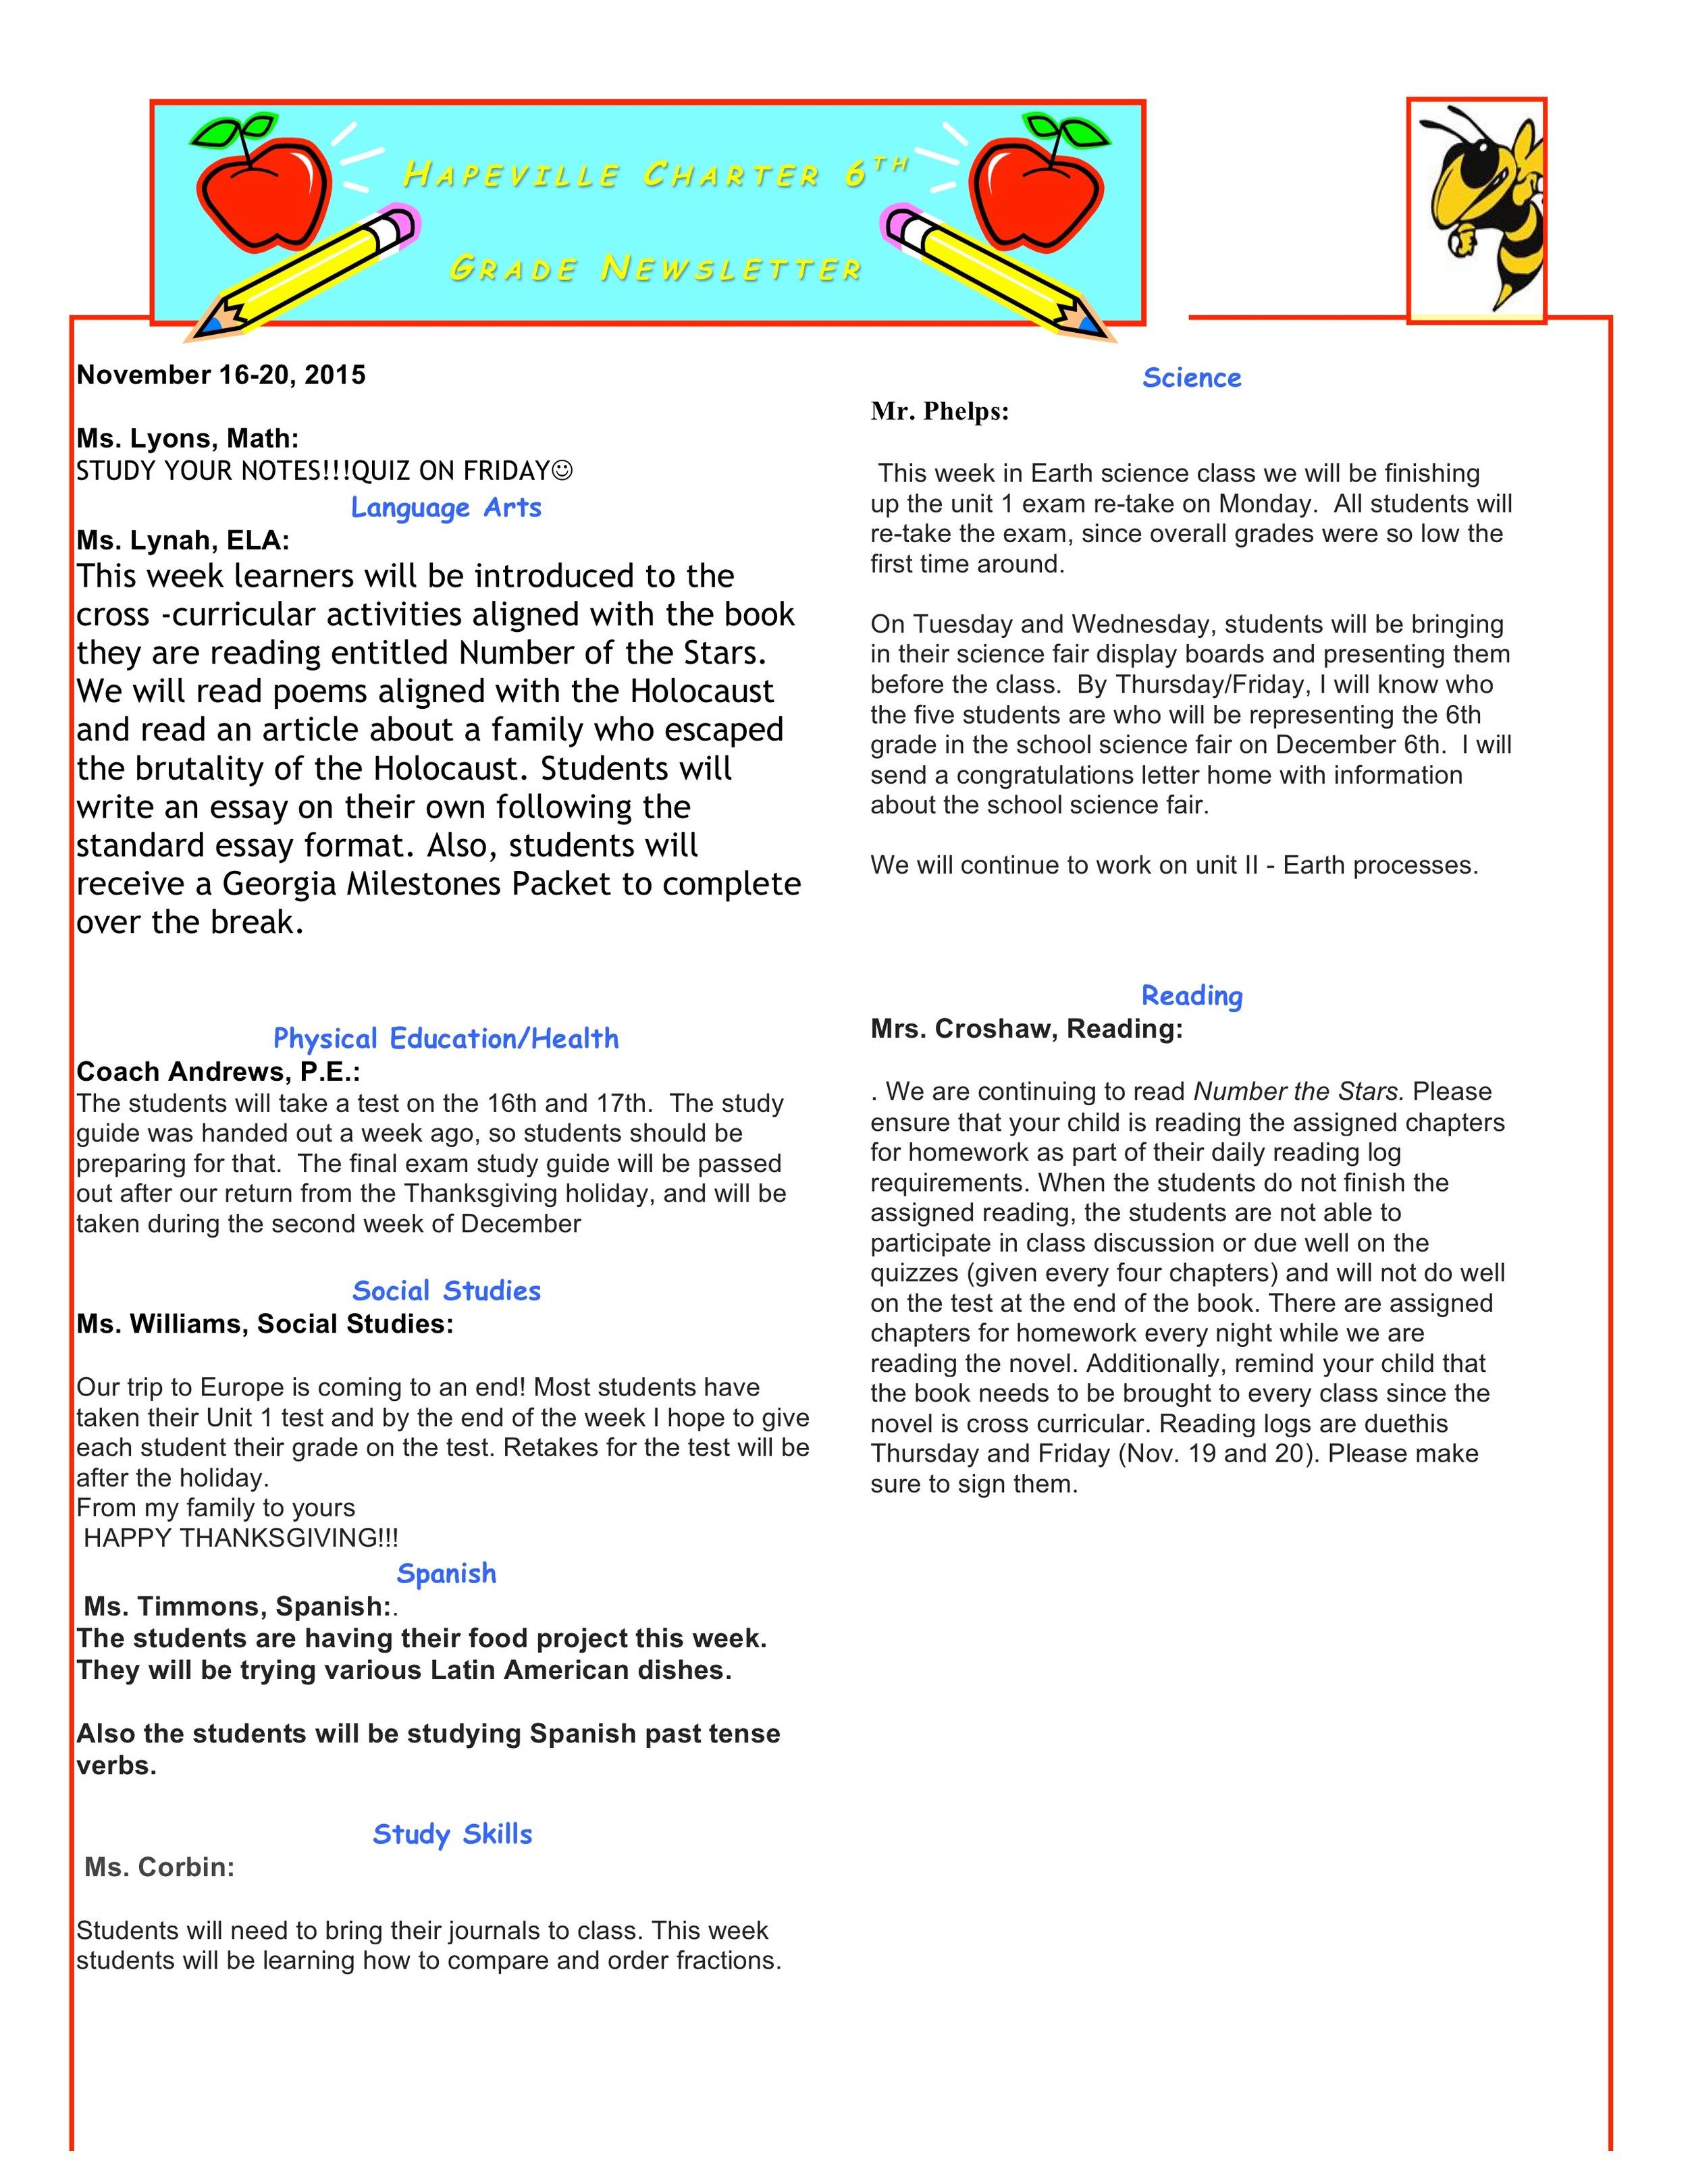 Newsletter Imagenewsletter archives header.jpeg